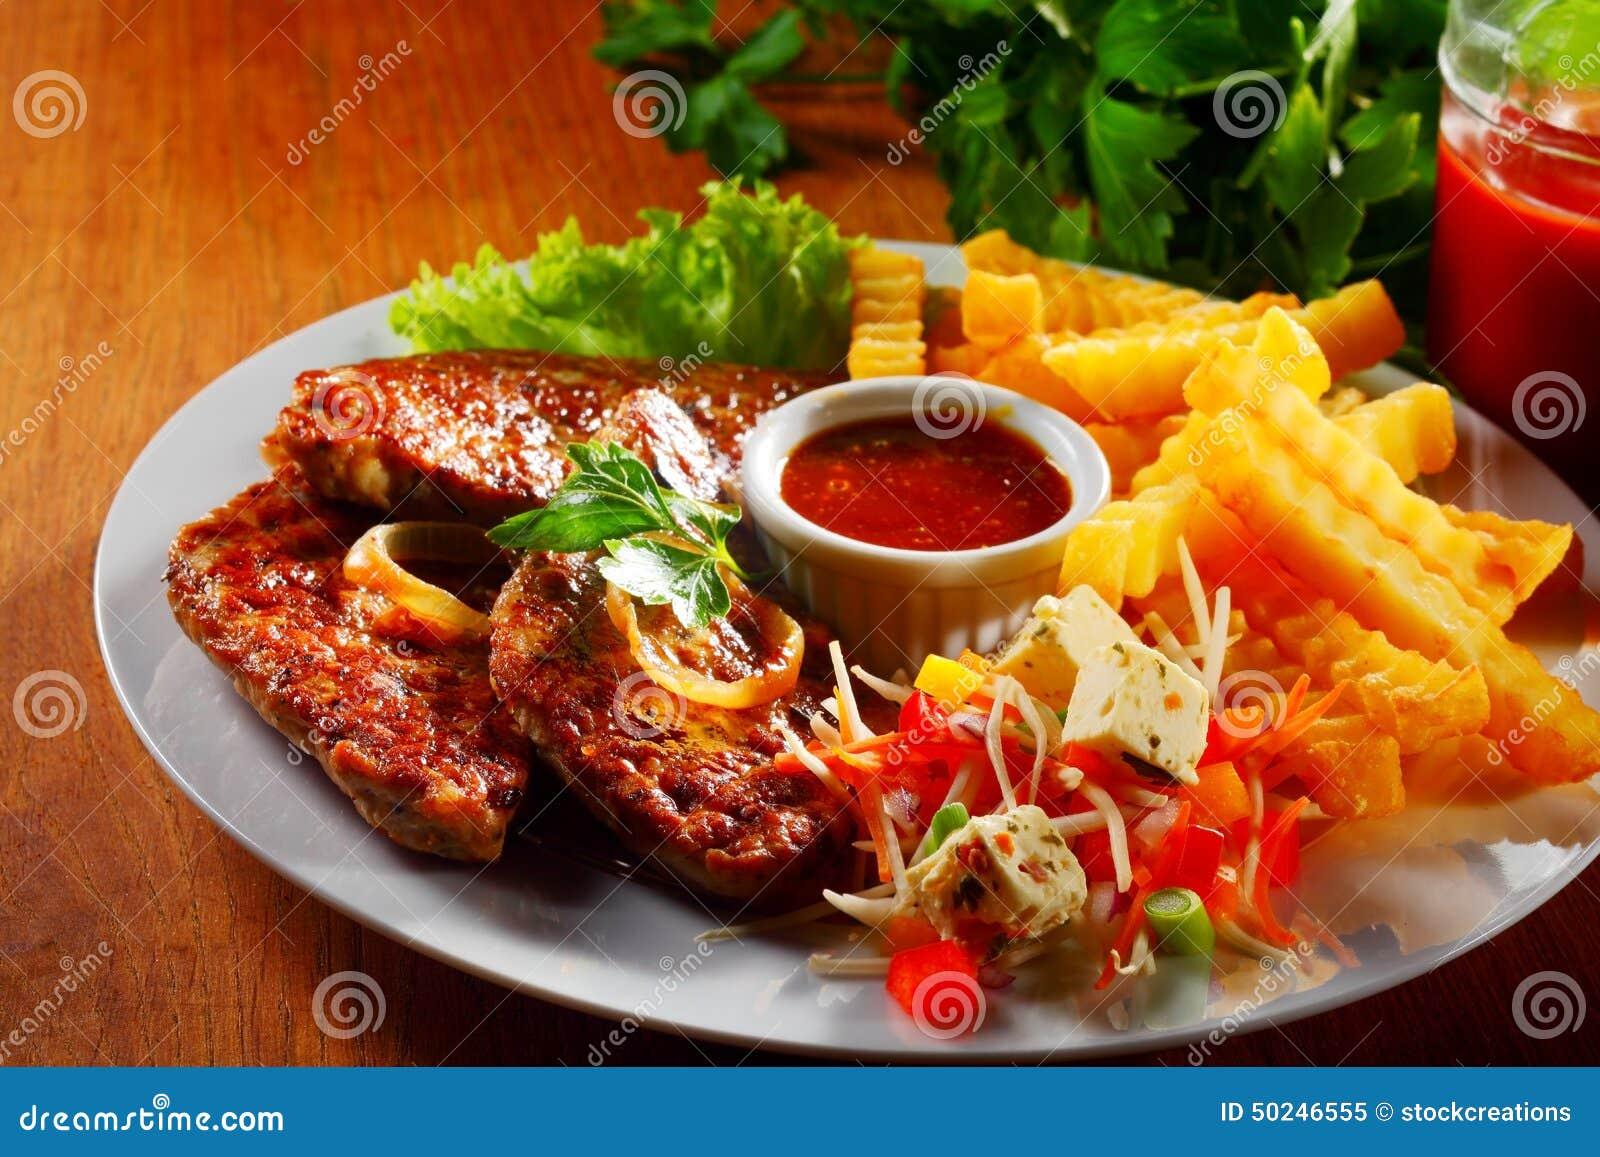 plat principal savoureux avec de la viande et les pommes de terre grill es photo stock image. Black Bedroom Furniture Sets. Home Design Ideas